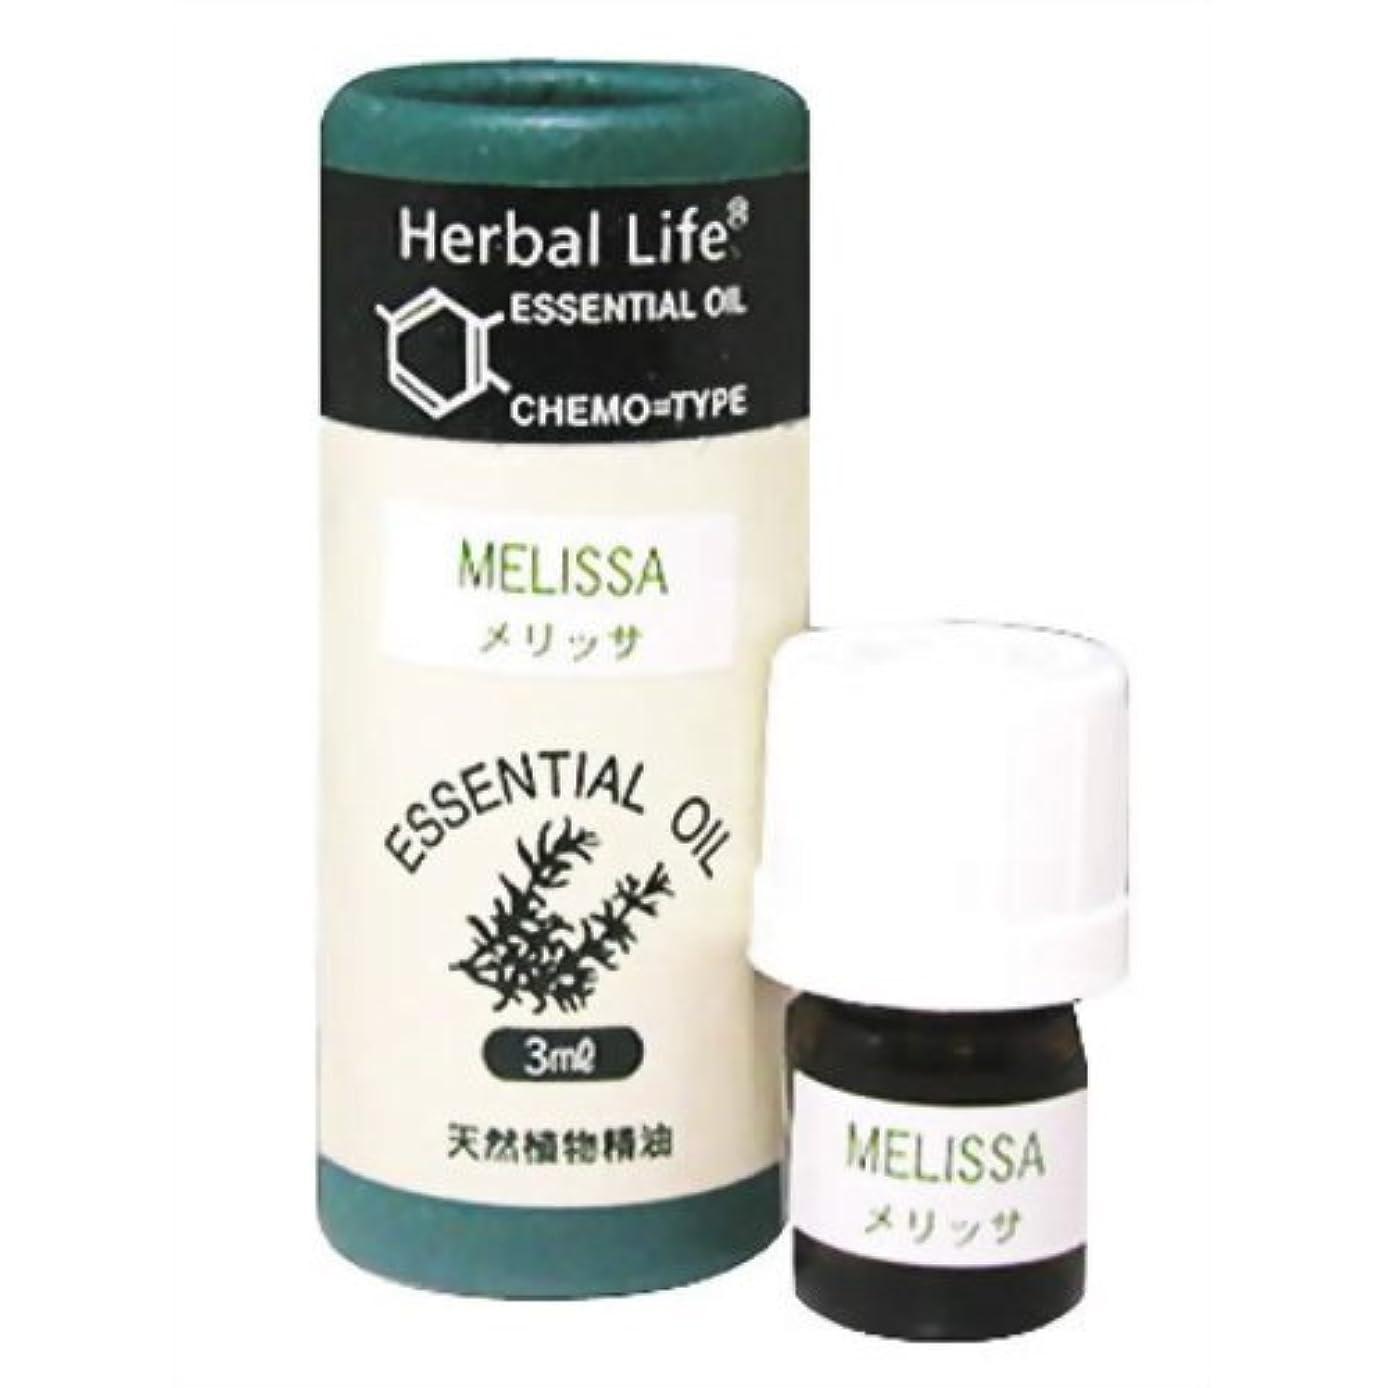 資金パンサー不実Herbal Life メリッサ 3ml